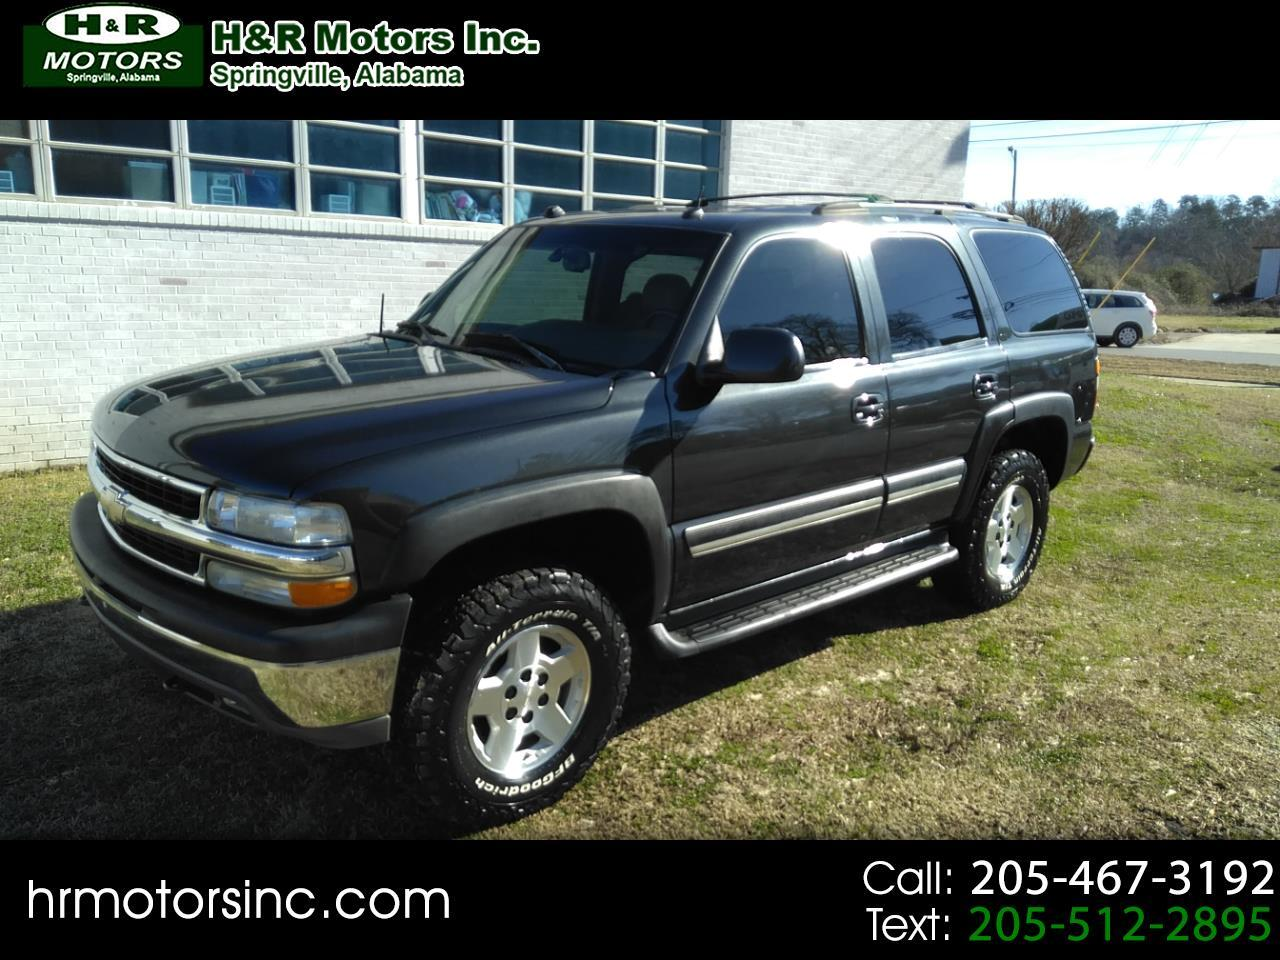 2005 Chevrolet Tahoe 1500